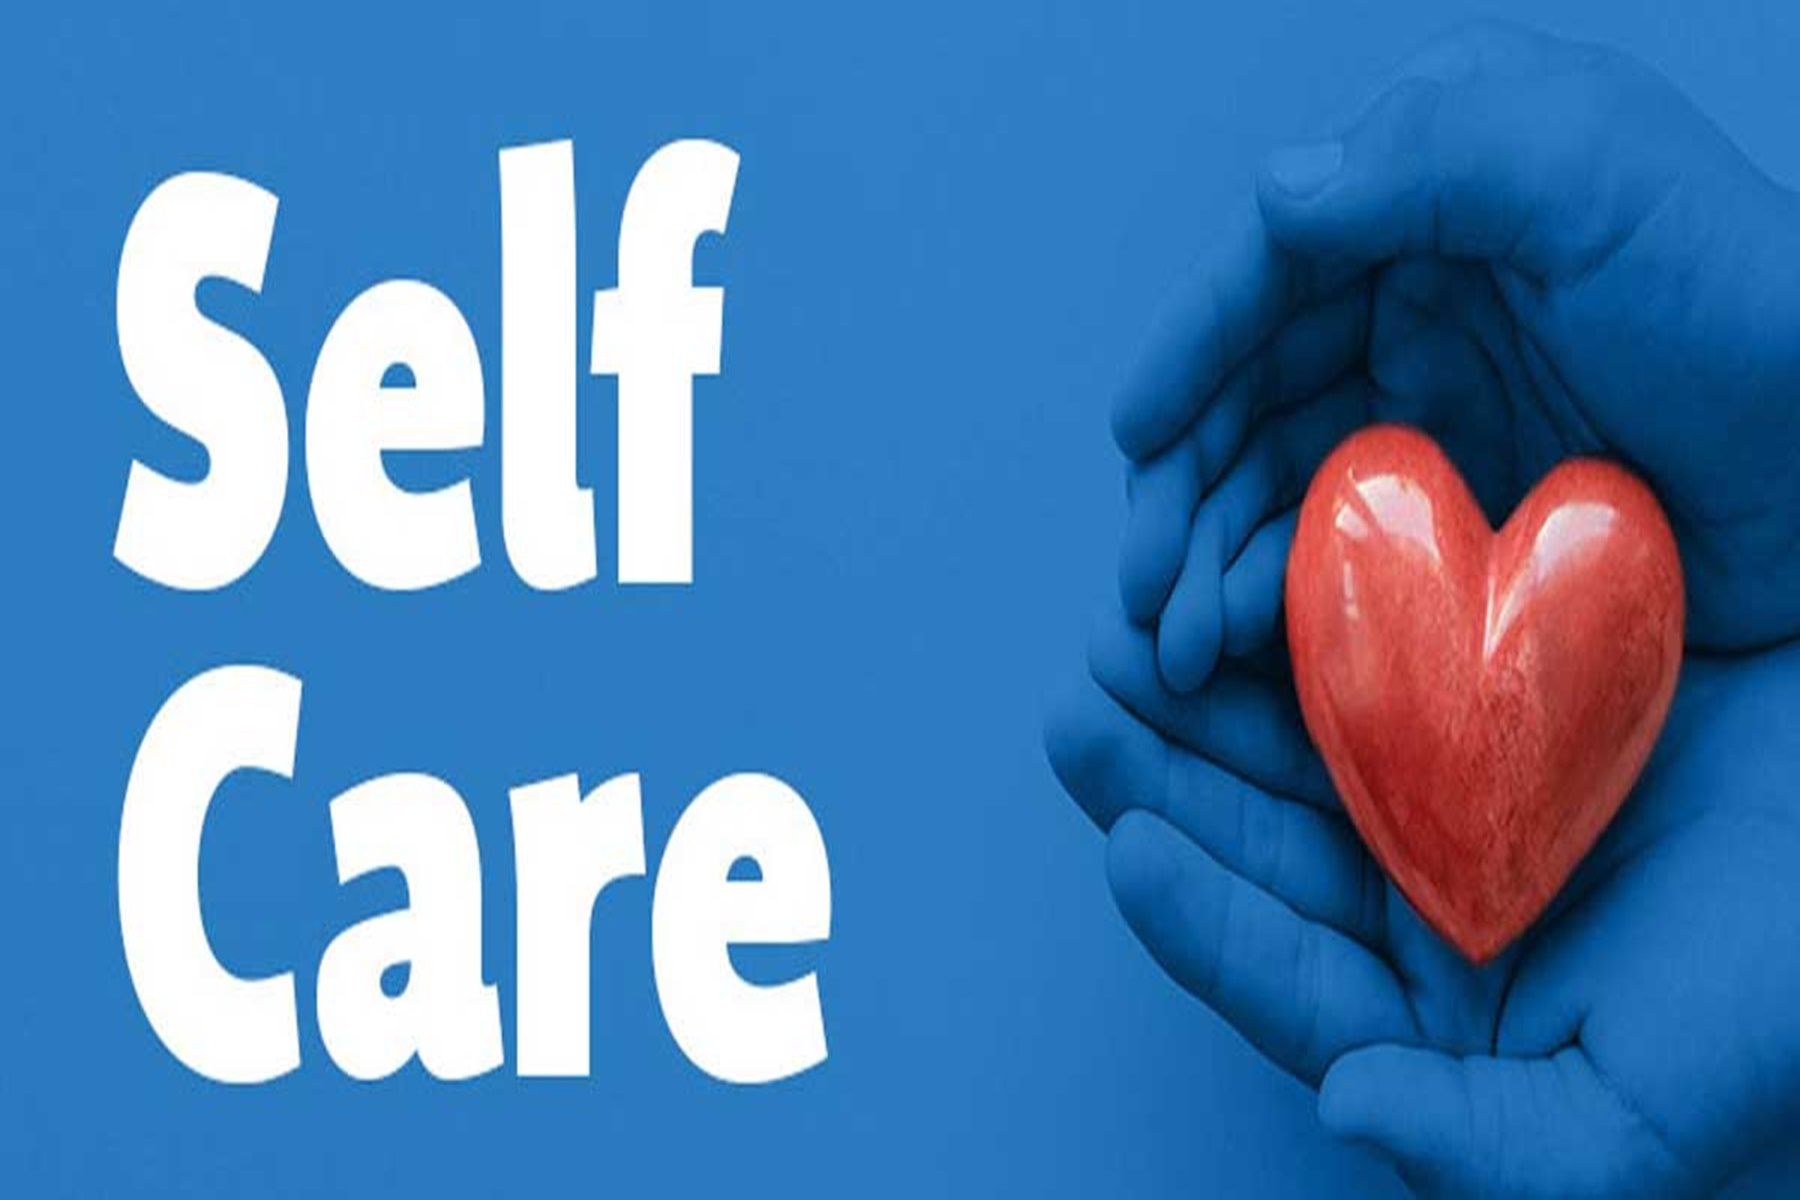 Αυτοφροντίδα ψυχική ισορροπία: Πώς θα φροντίζετε καθημερινά τον εαυτό σας